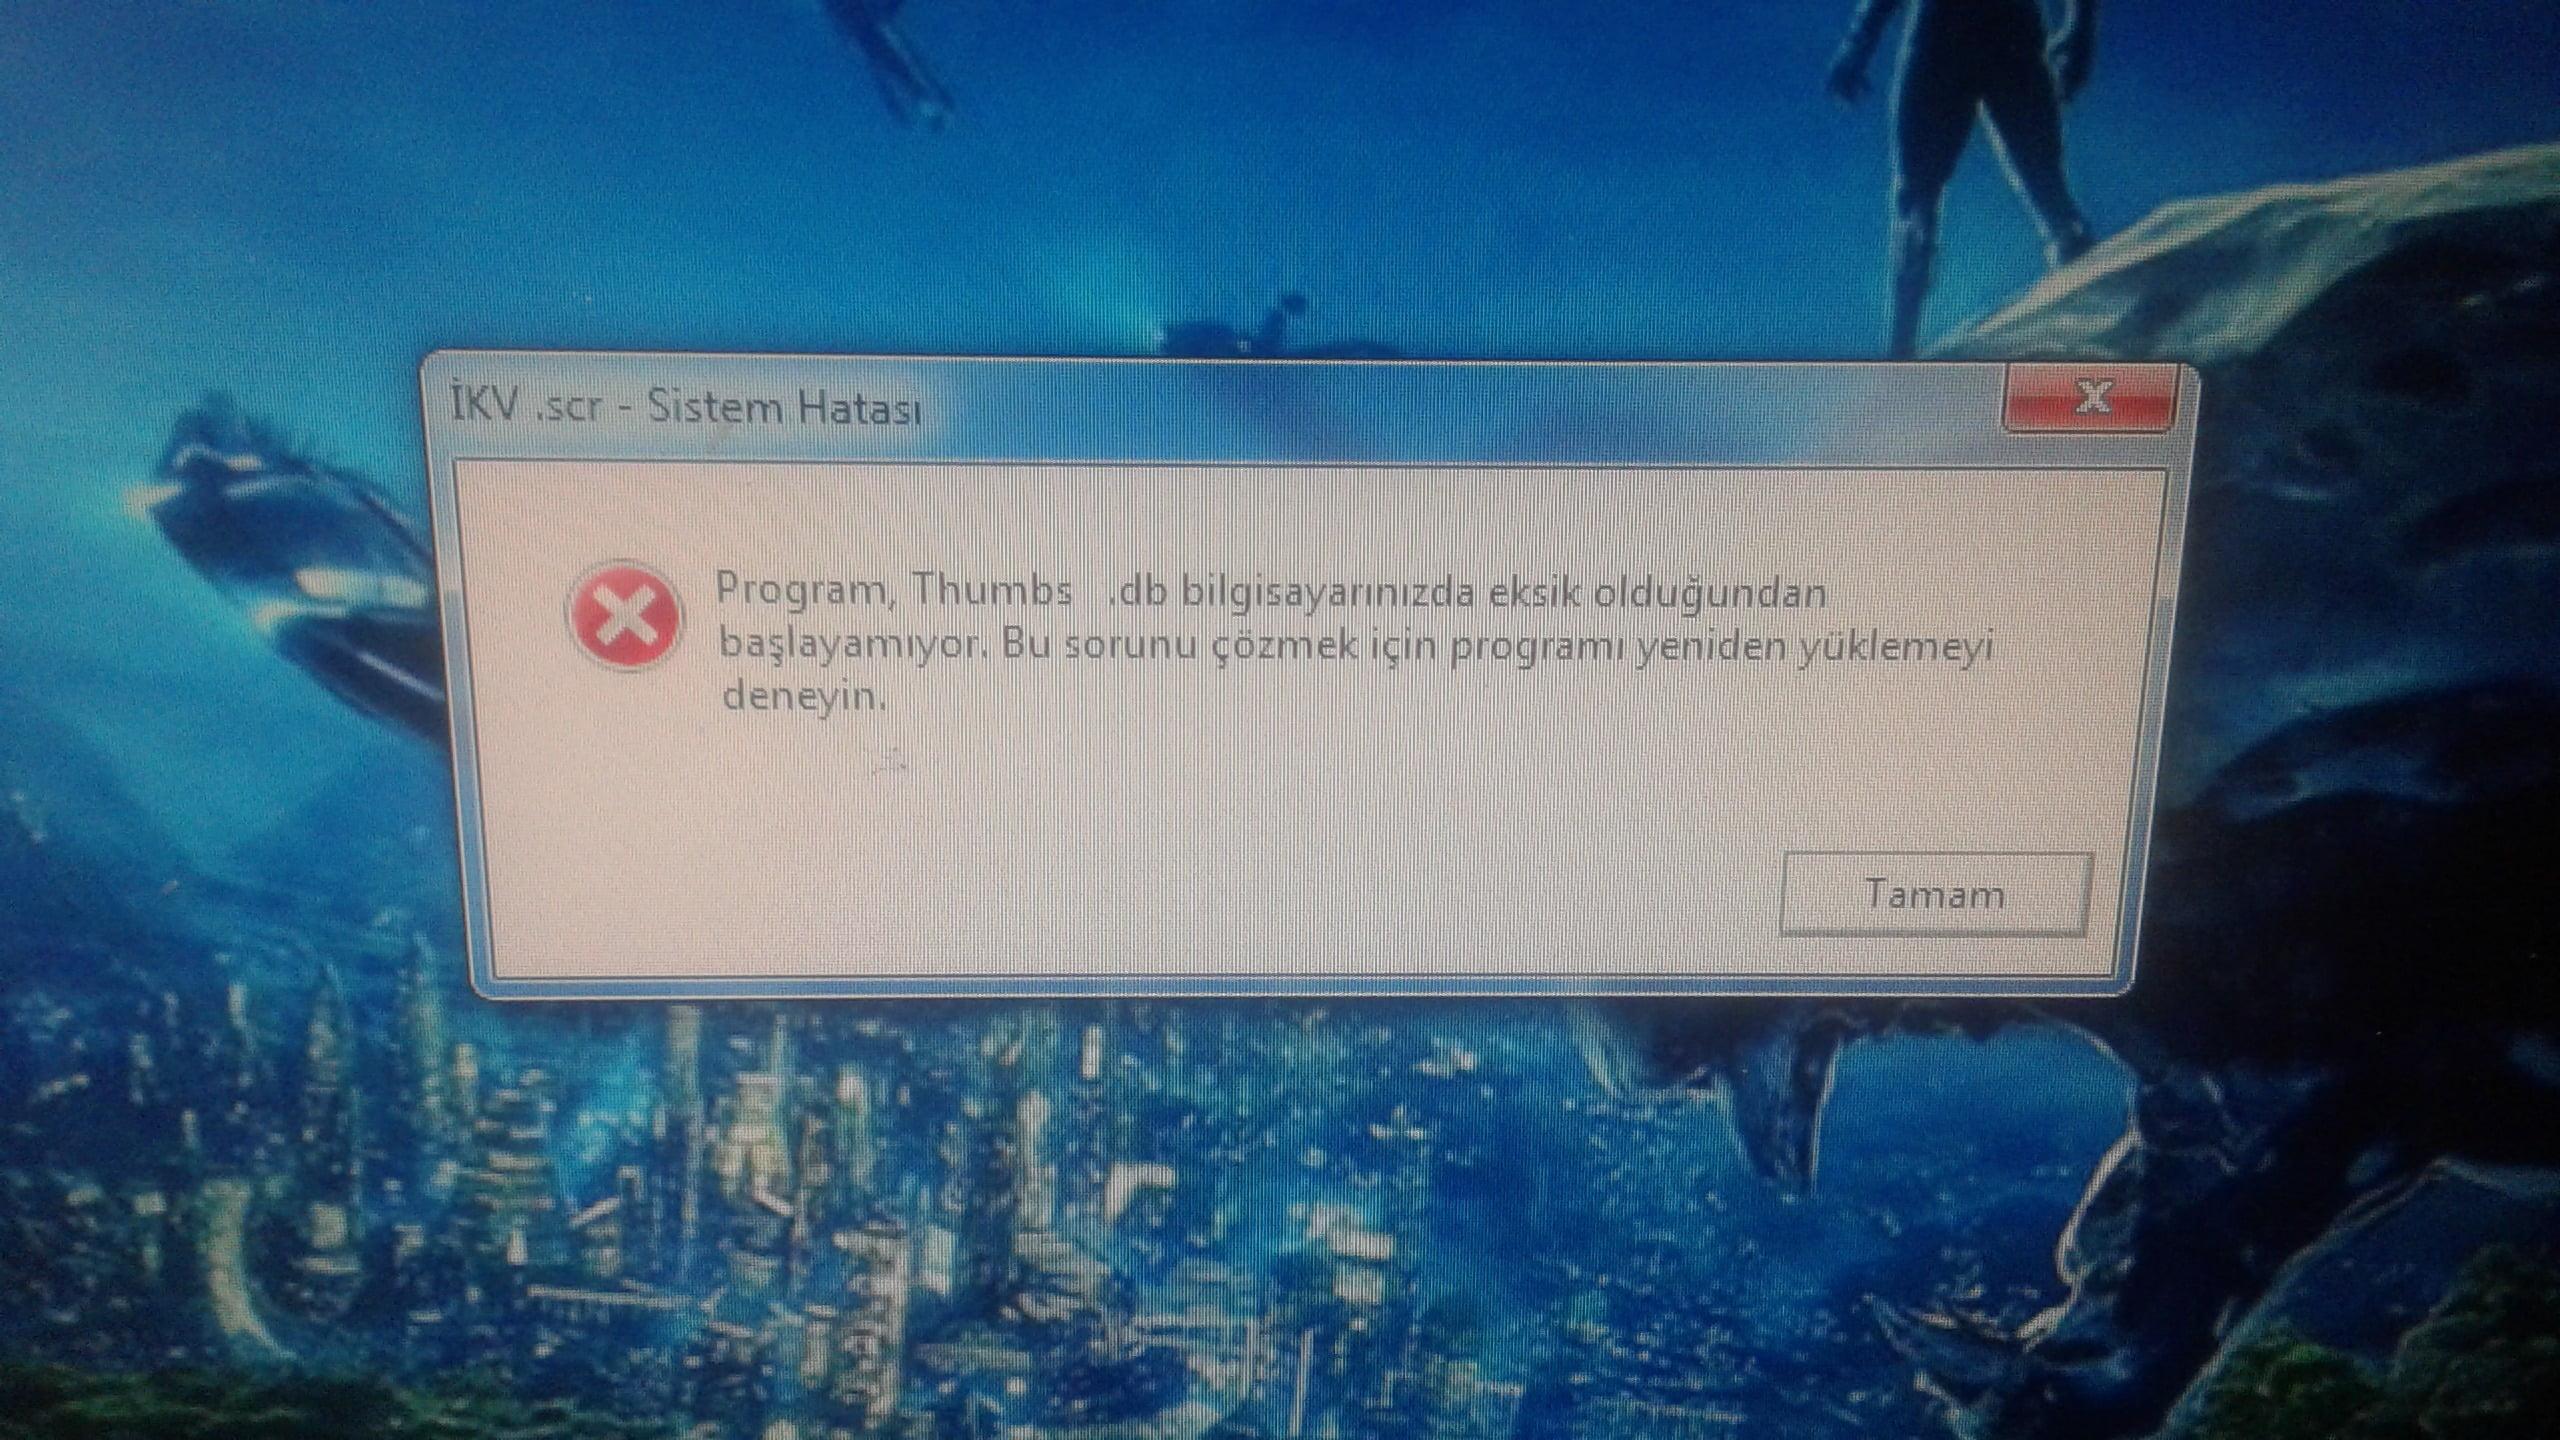 Windows 7 professional Thumbs .db programı silinmiş diyor nasıl düzeltebilirimel